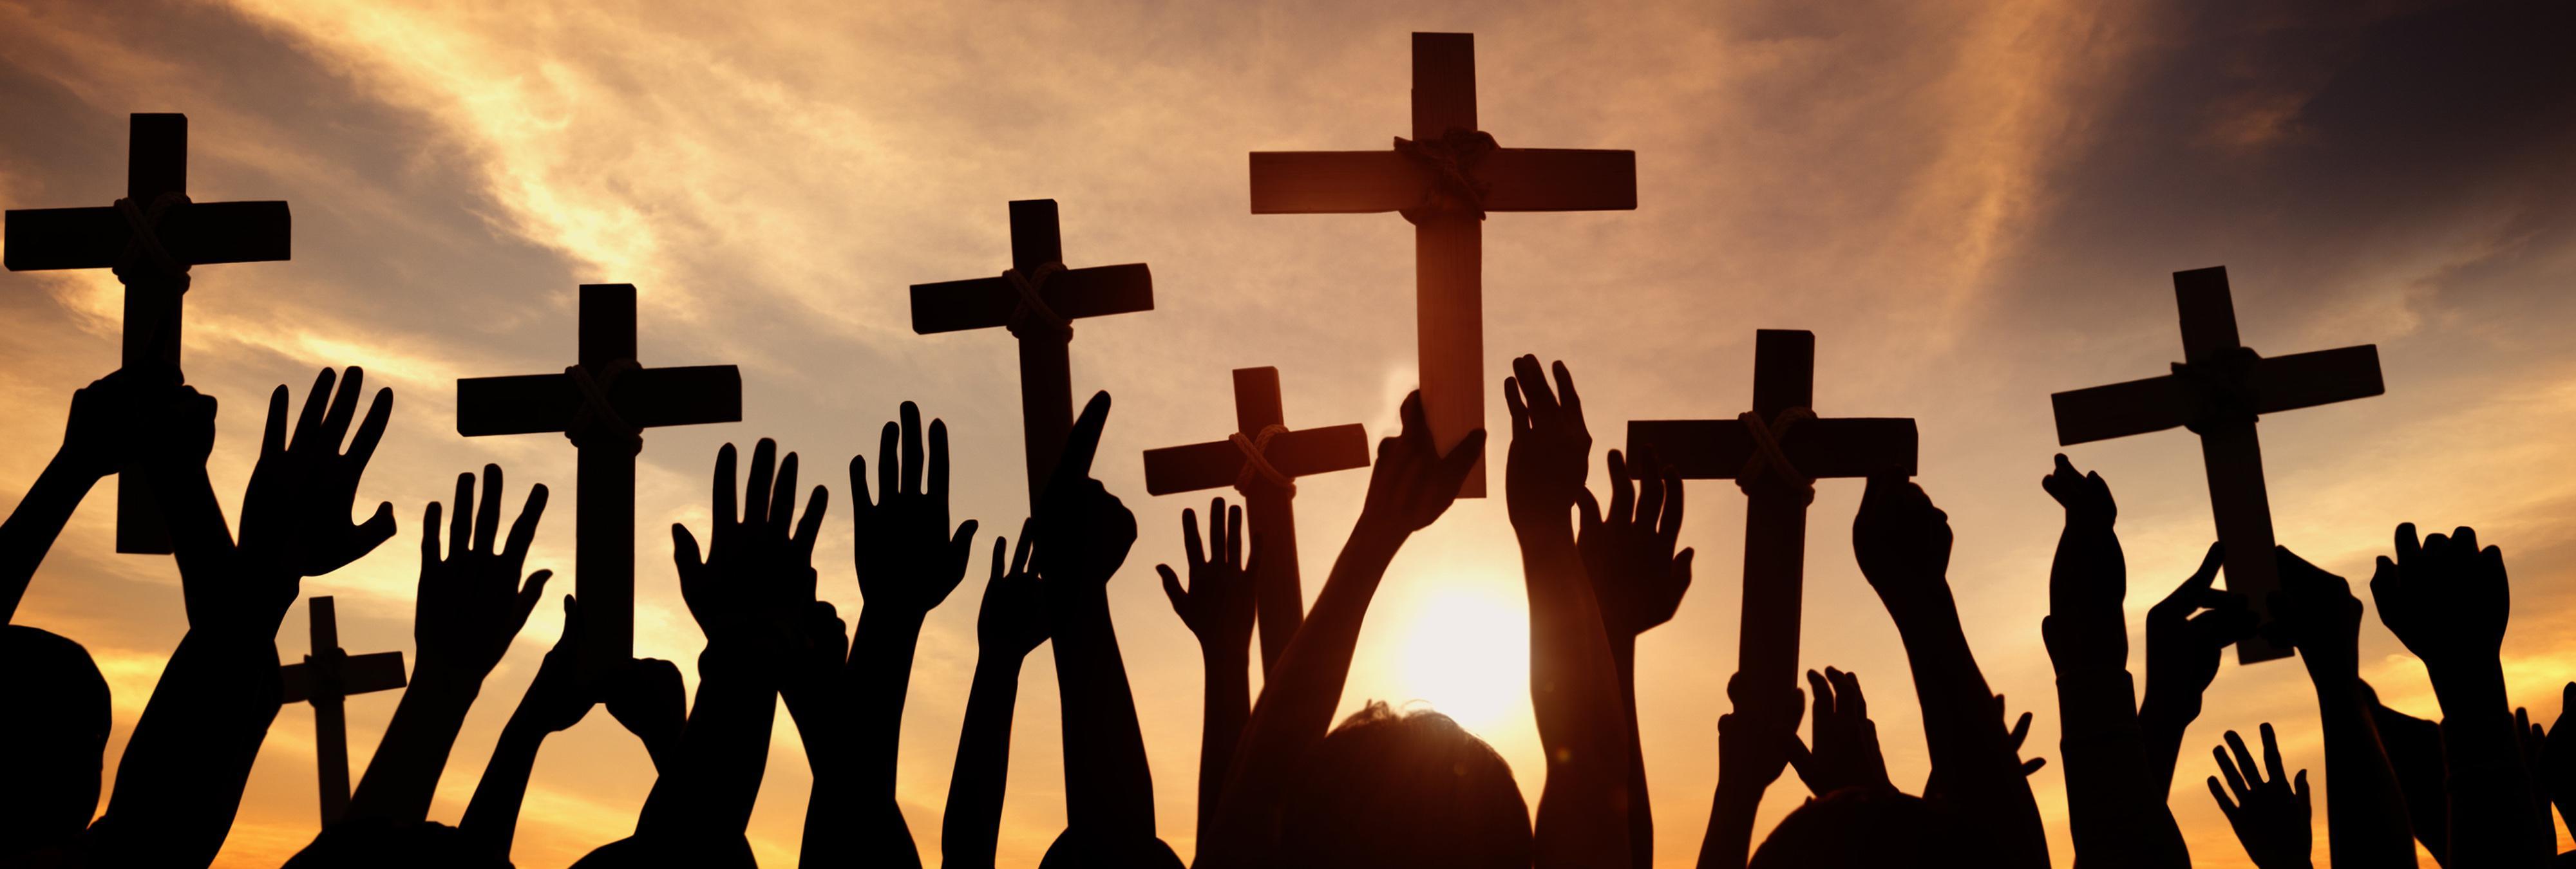 """Le expulsan de la Iglesia por negarse a recibir """"terapia de conversión"""" para homosexuales"""